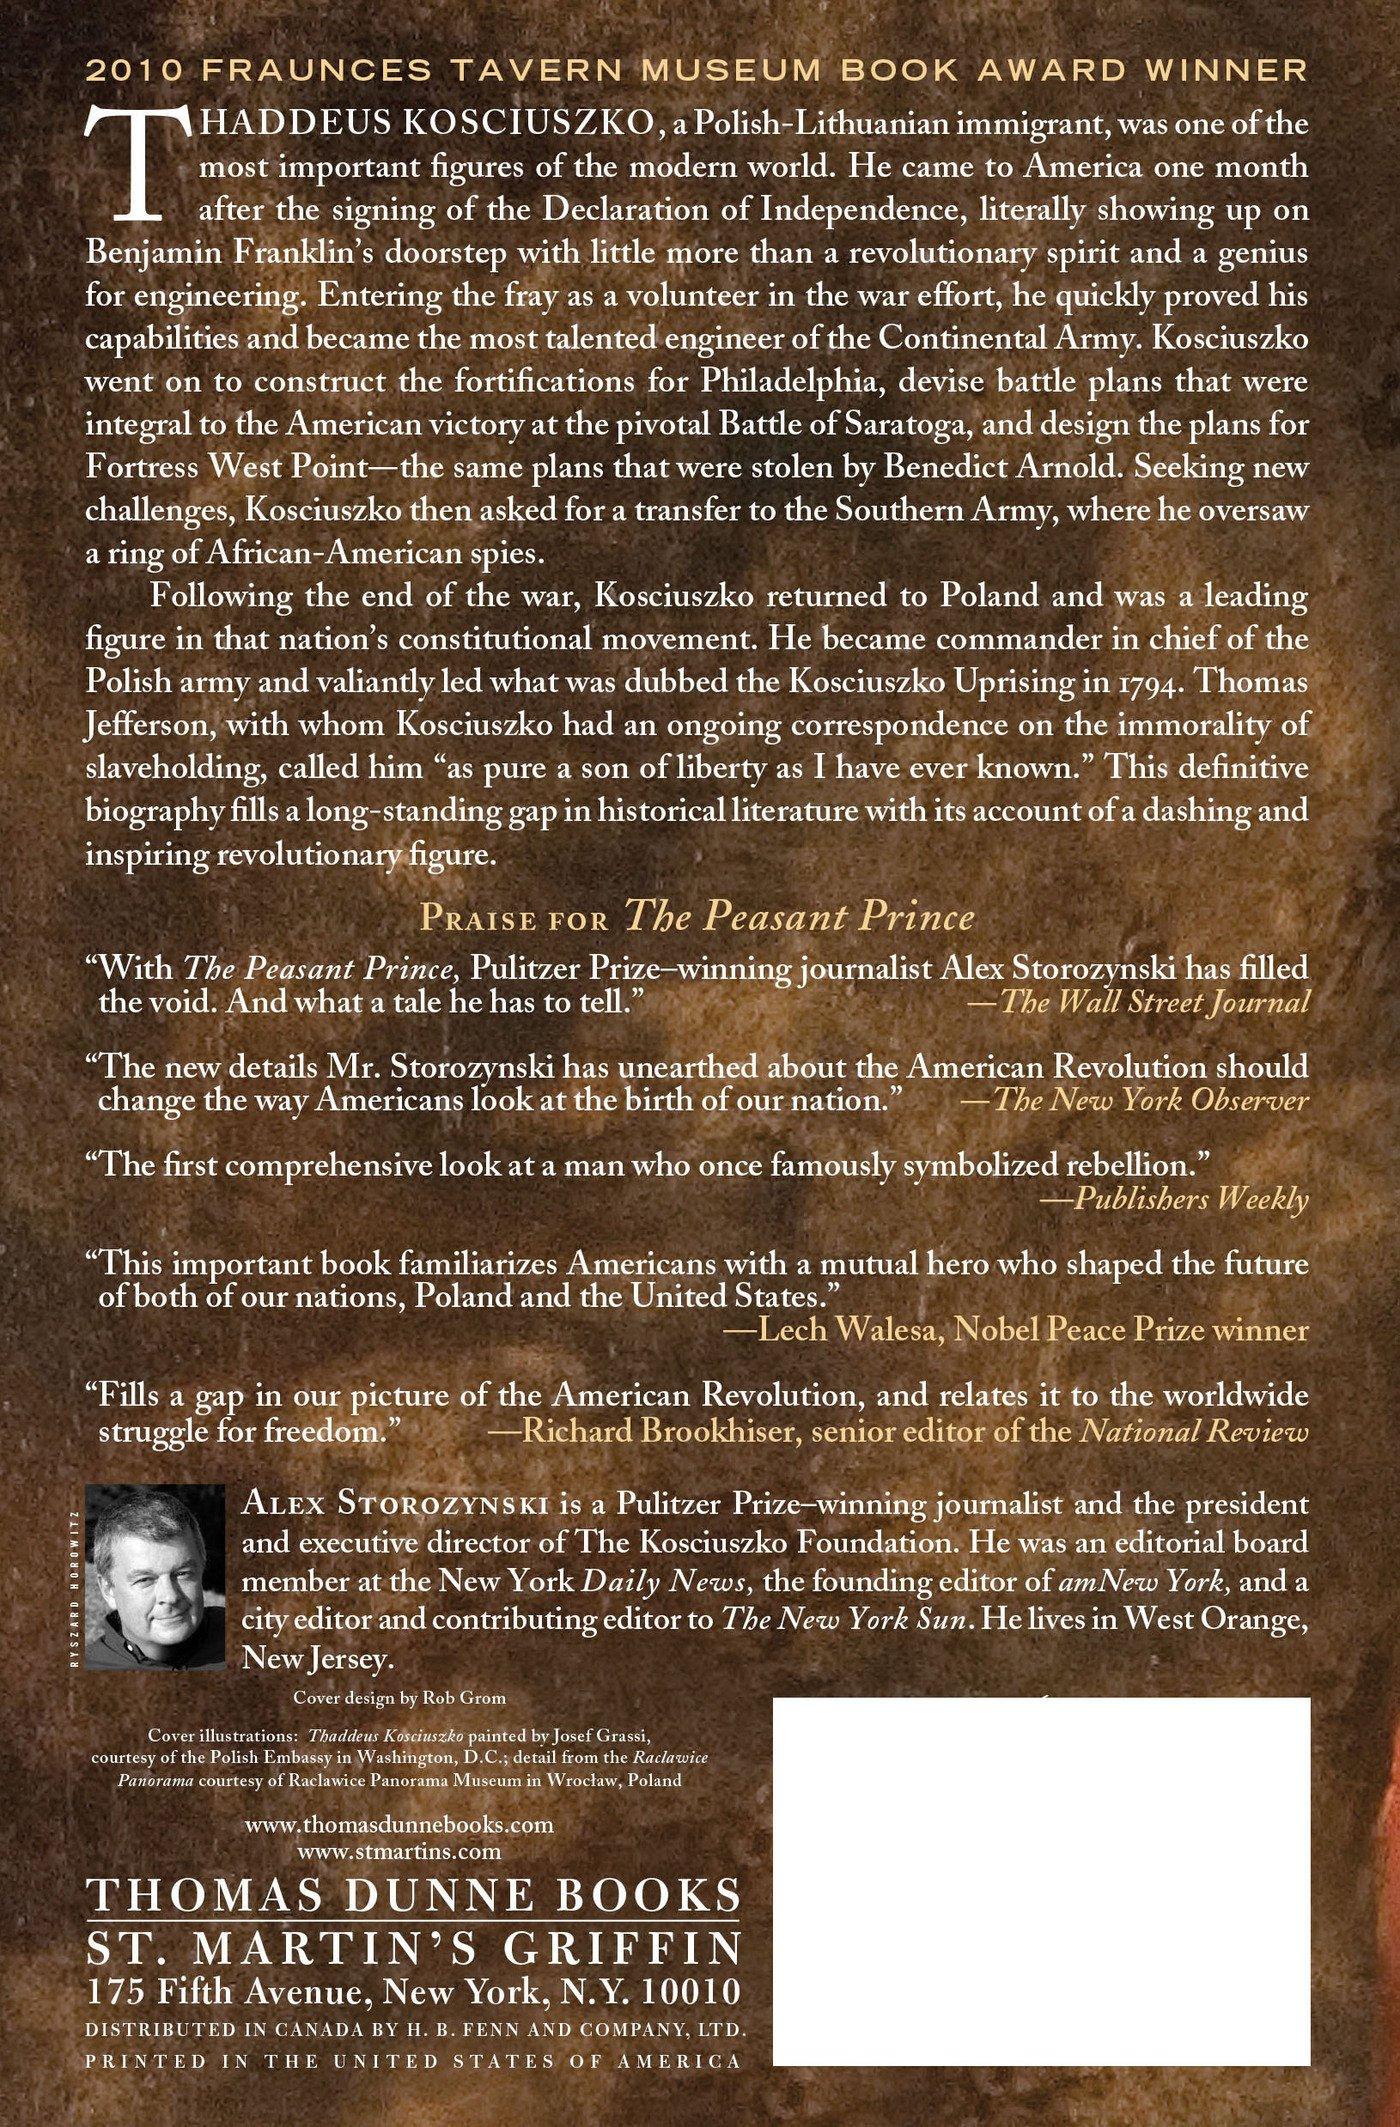 Amazon: The Peasant Prince: Thaddeus Kosciuszko And The Age Of  Revolution (9780312625948): Alex Storozynski: Books